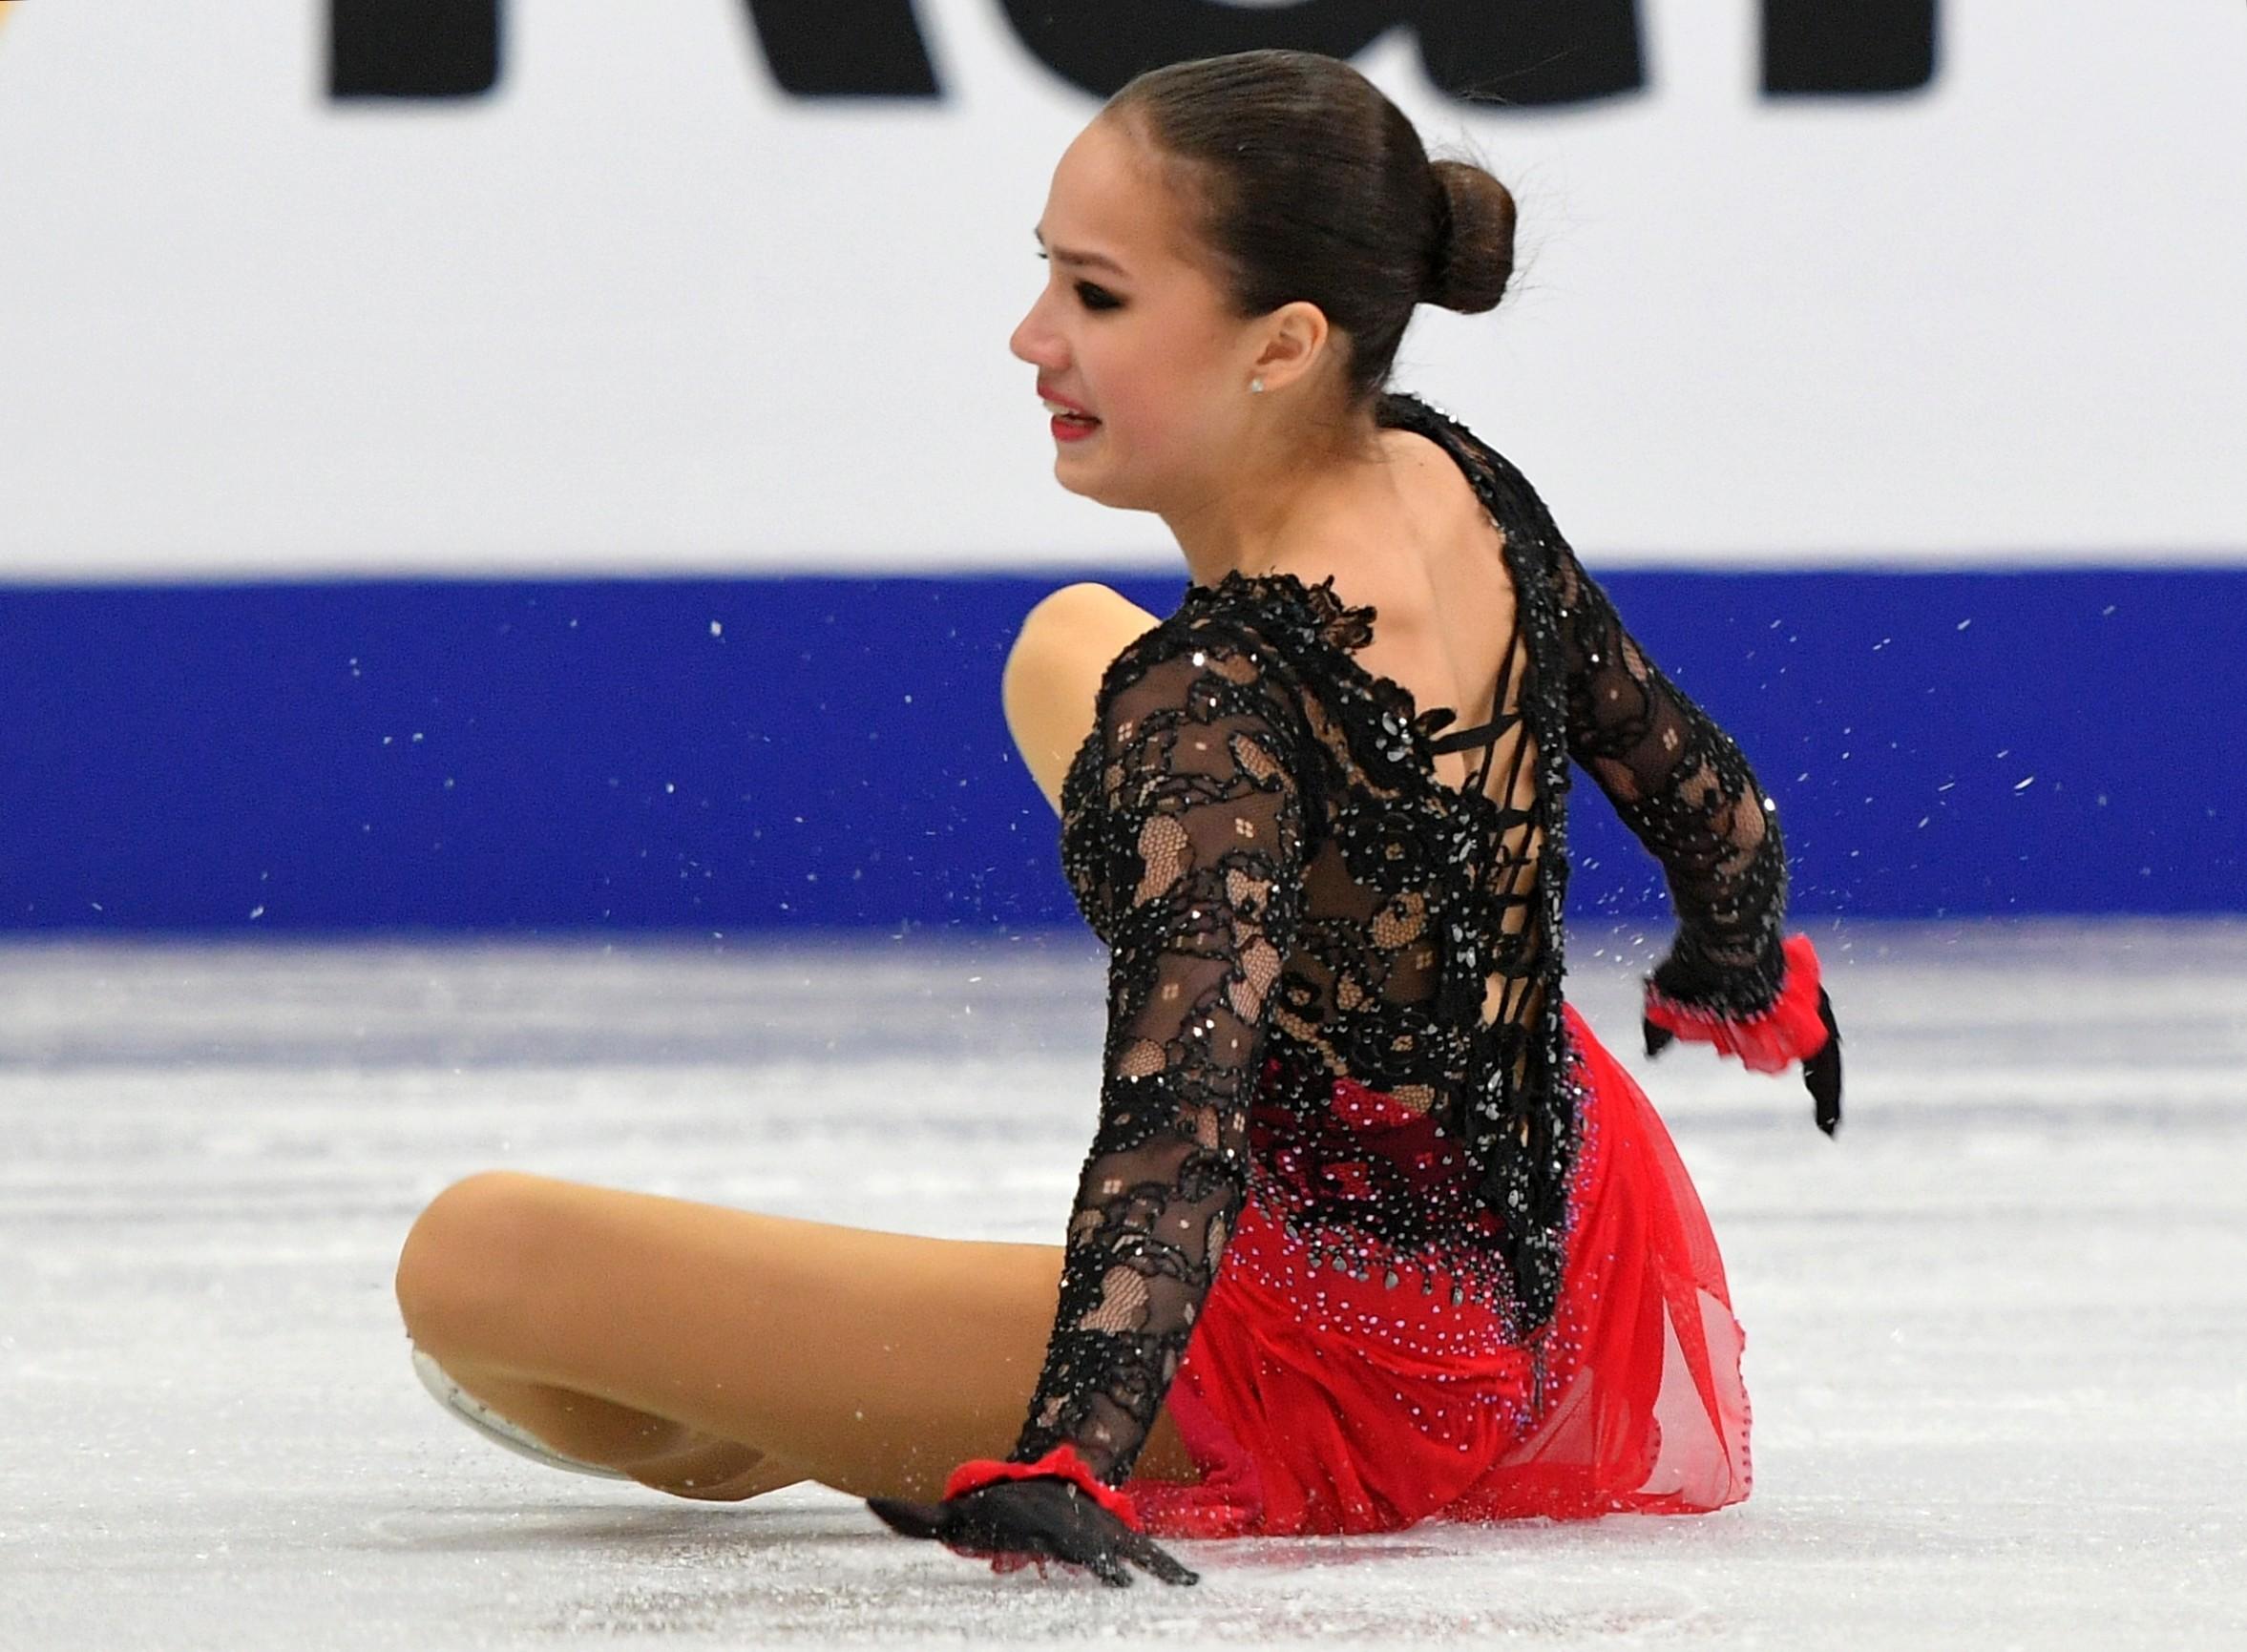 Алина Загитова не смогла выиграть ЧЕ второй раз подряд. Фото: © РИА Новости / Владимир Песня